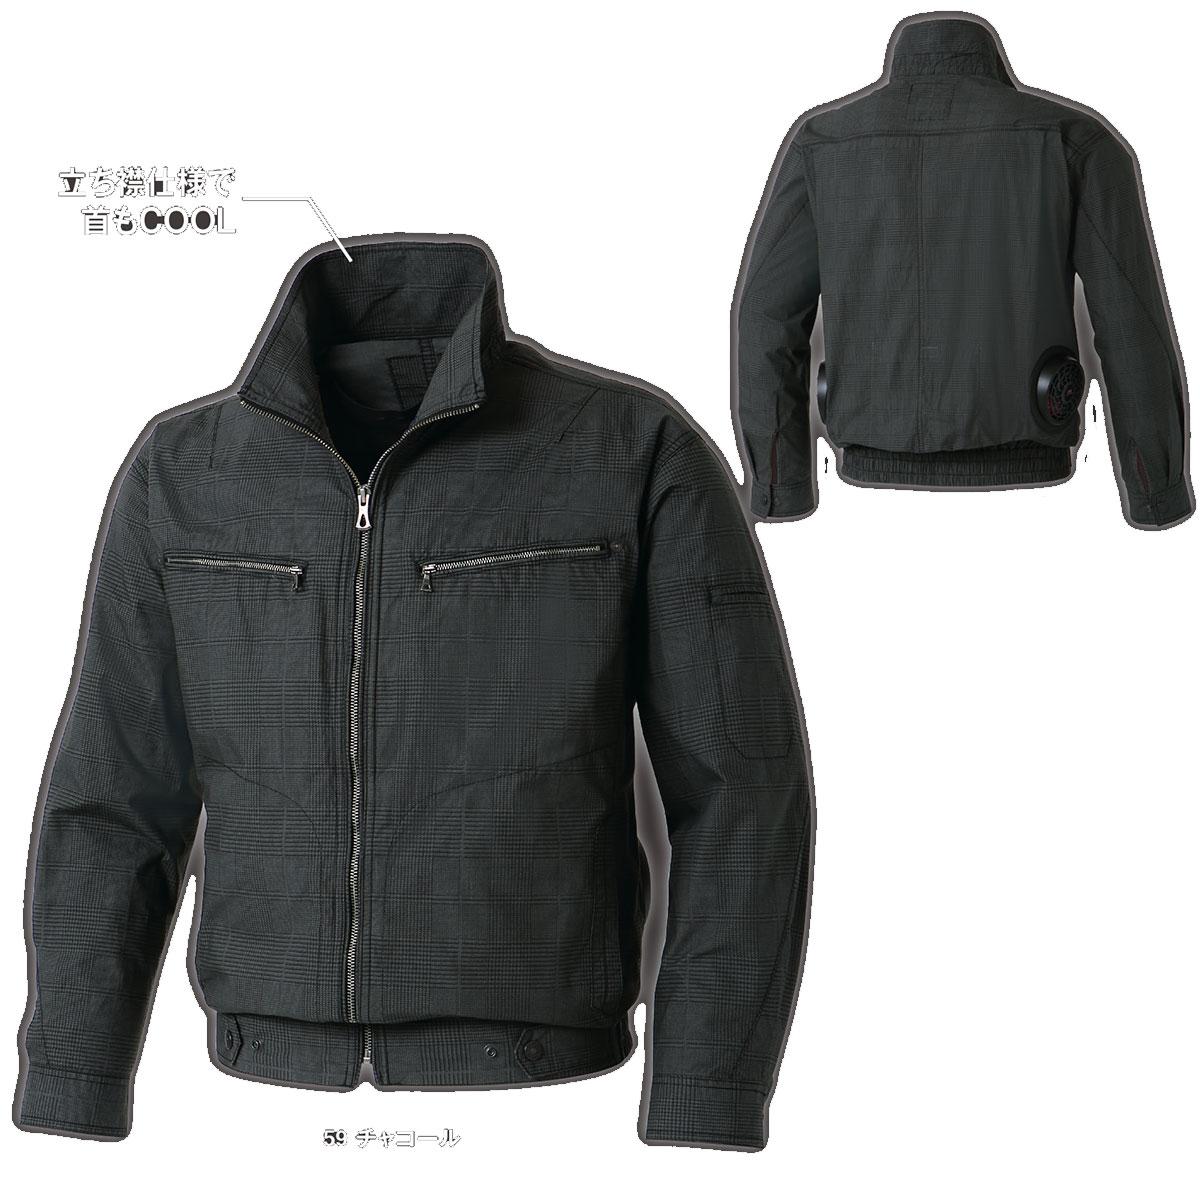 KU93600 空調風神服 長袖ブルゾン 綿100%